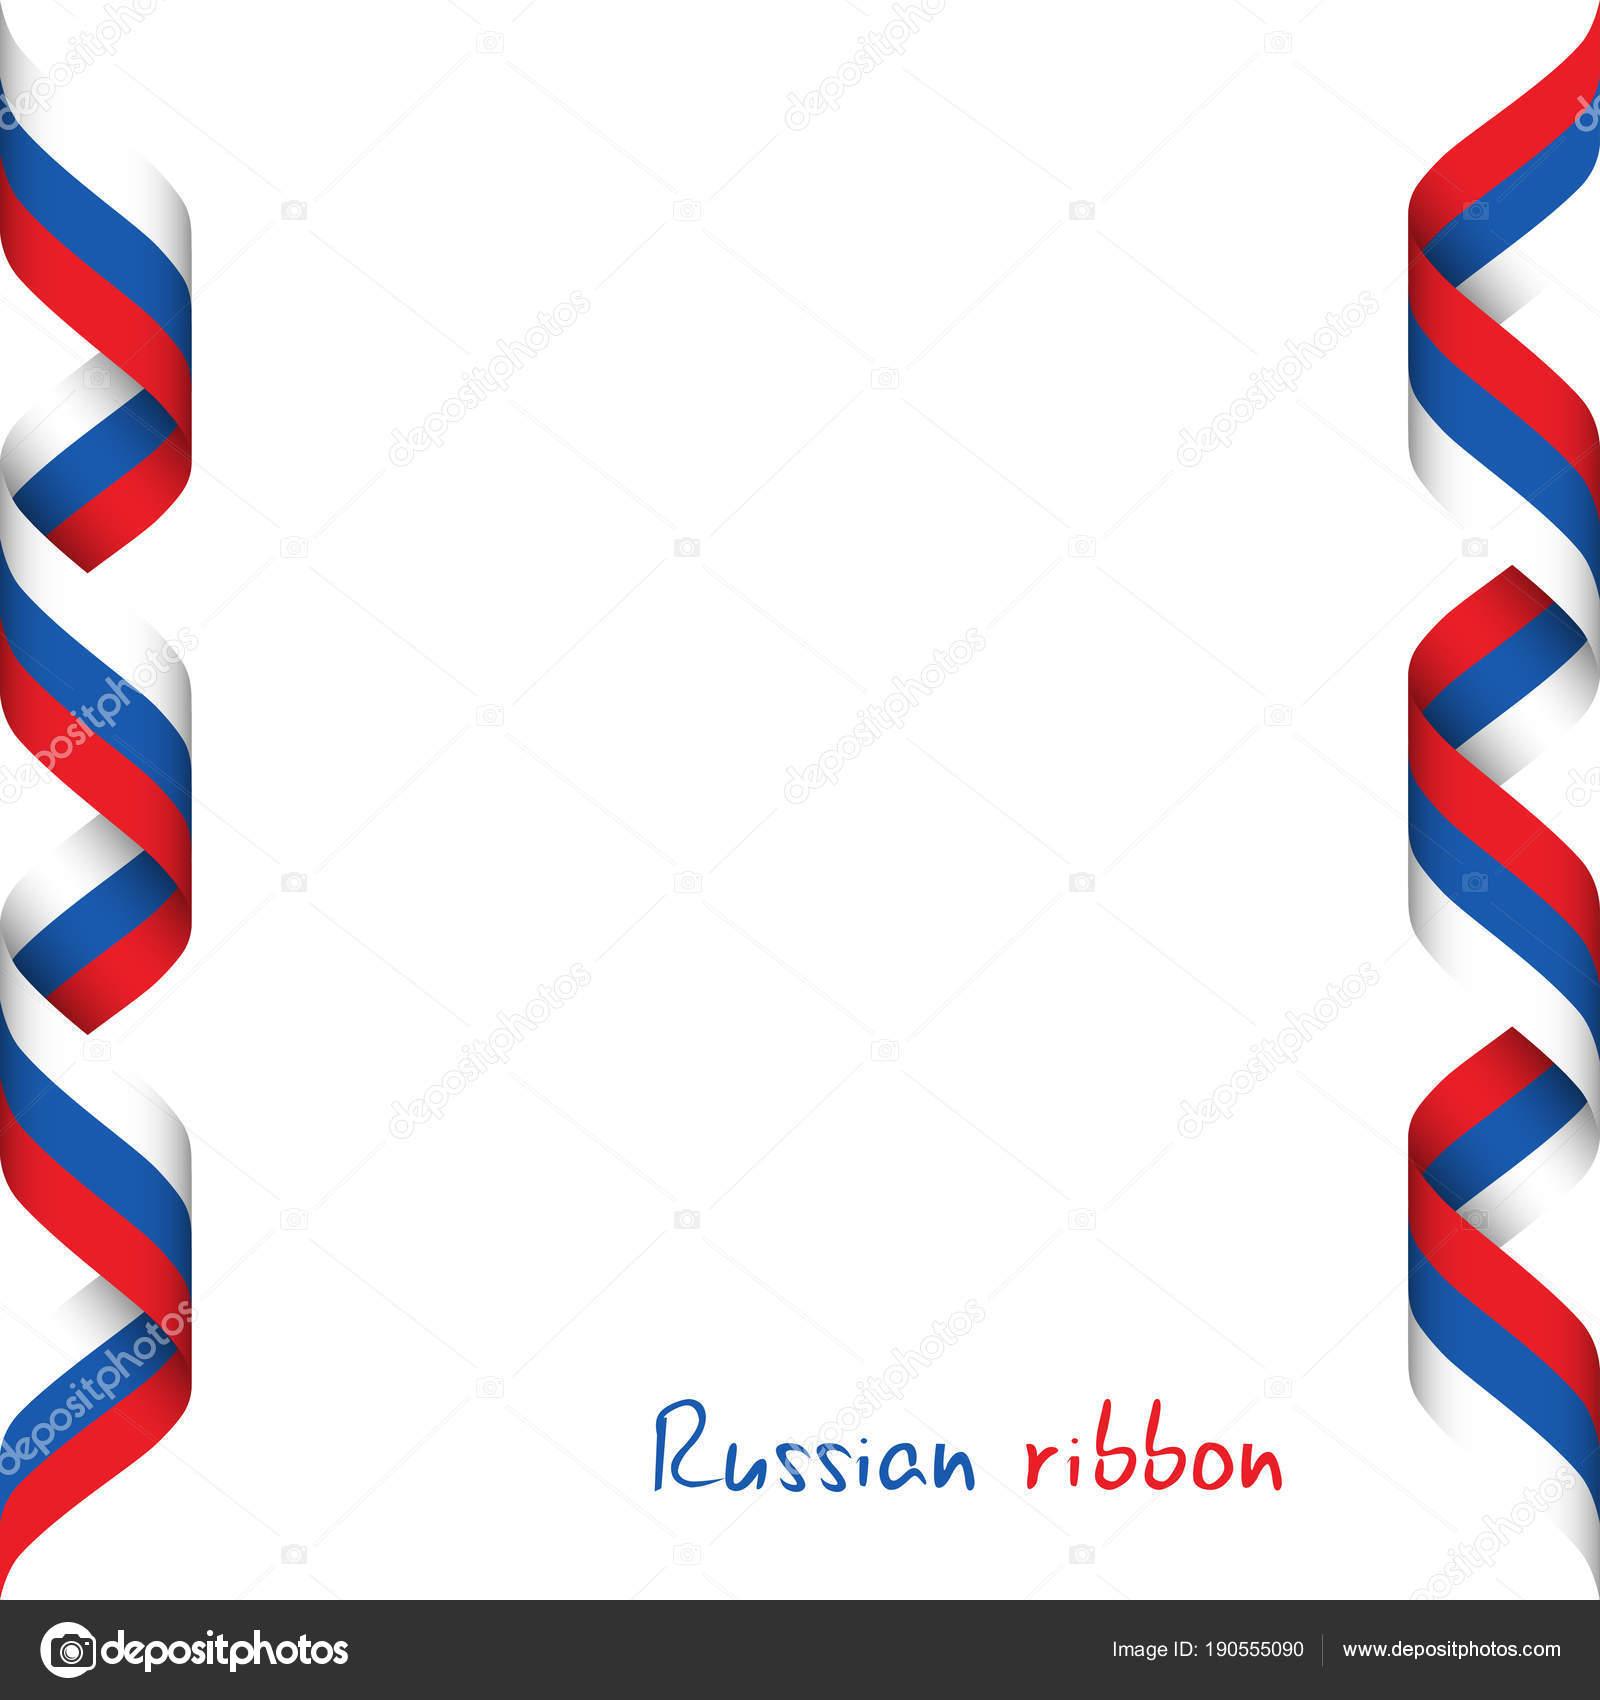 Tricolore senza sfondo